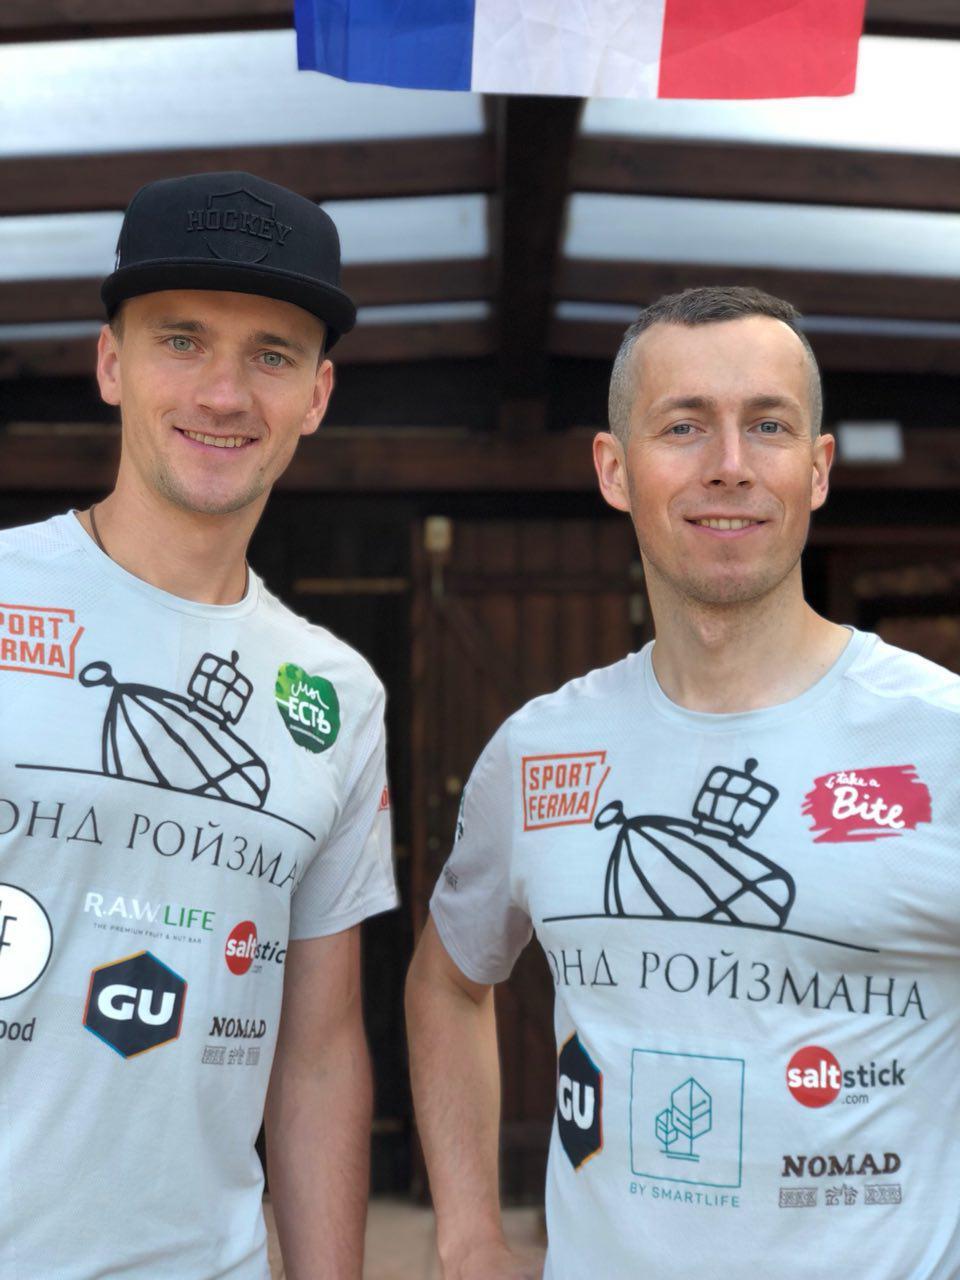 Евгений Костылев: Это самая необычная и авантюрная гонка в моей жизни